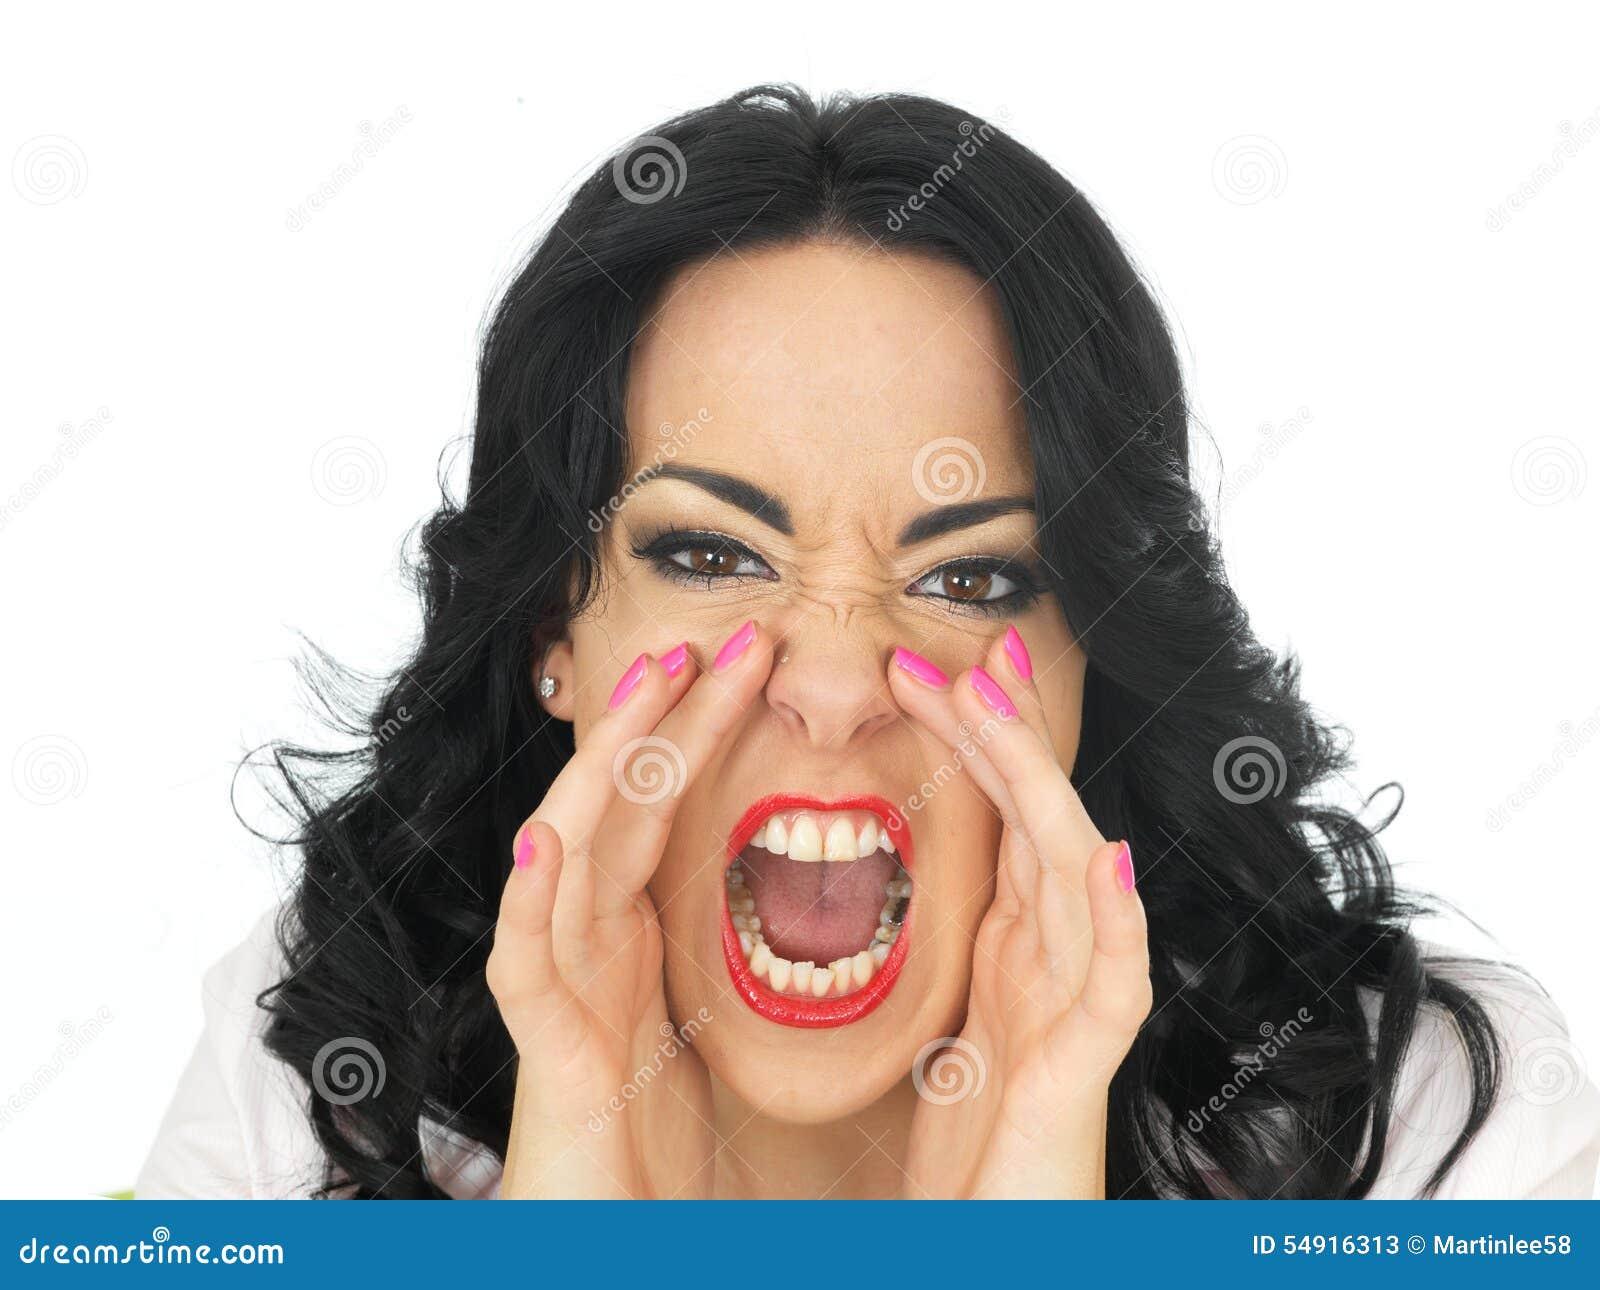 Portret van een Boze Gefrustreerde Jonge Spaanse Vrouw die in Verontwaardiging schreeuwen